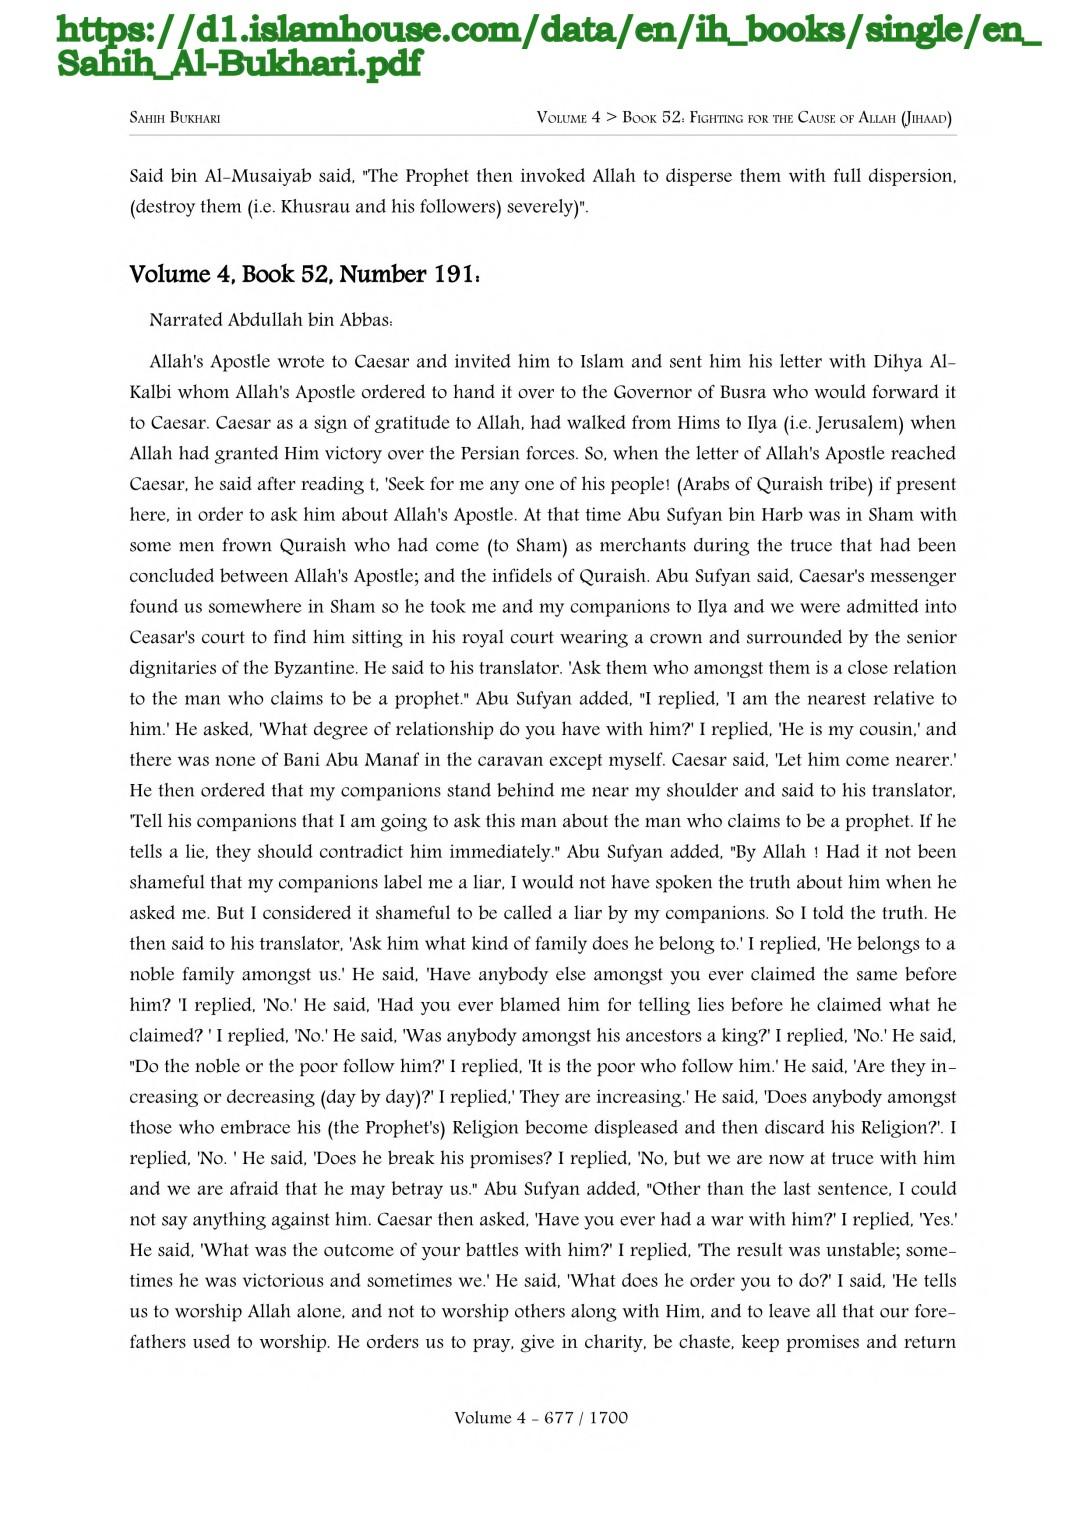 Sahih_Al-Bukhari_0676 (2)